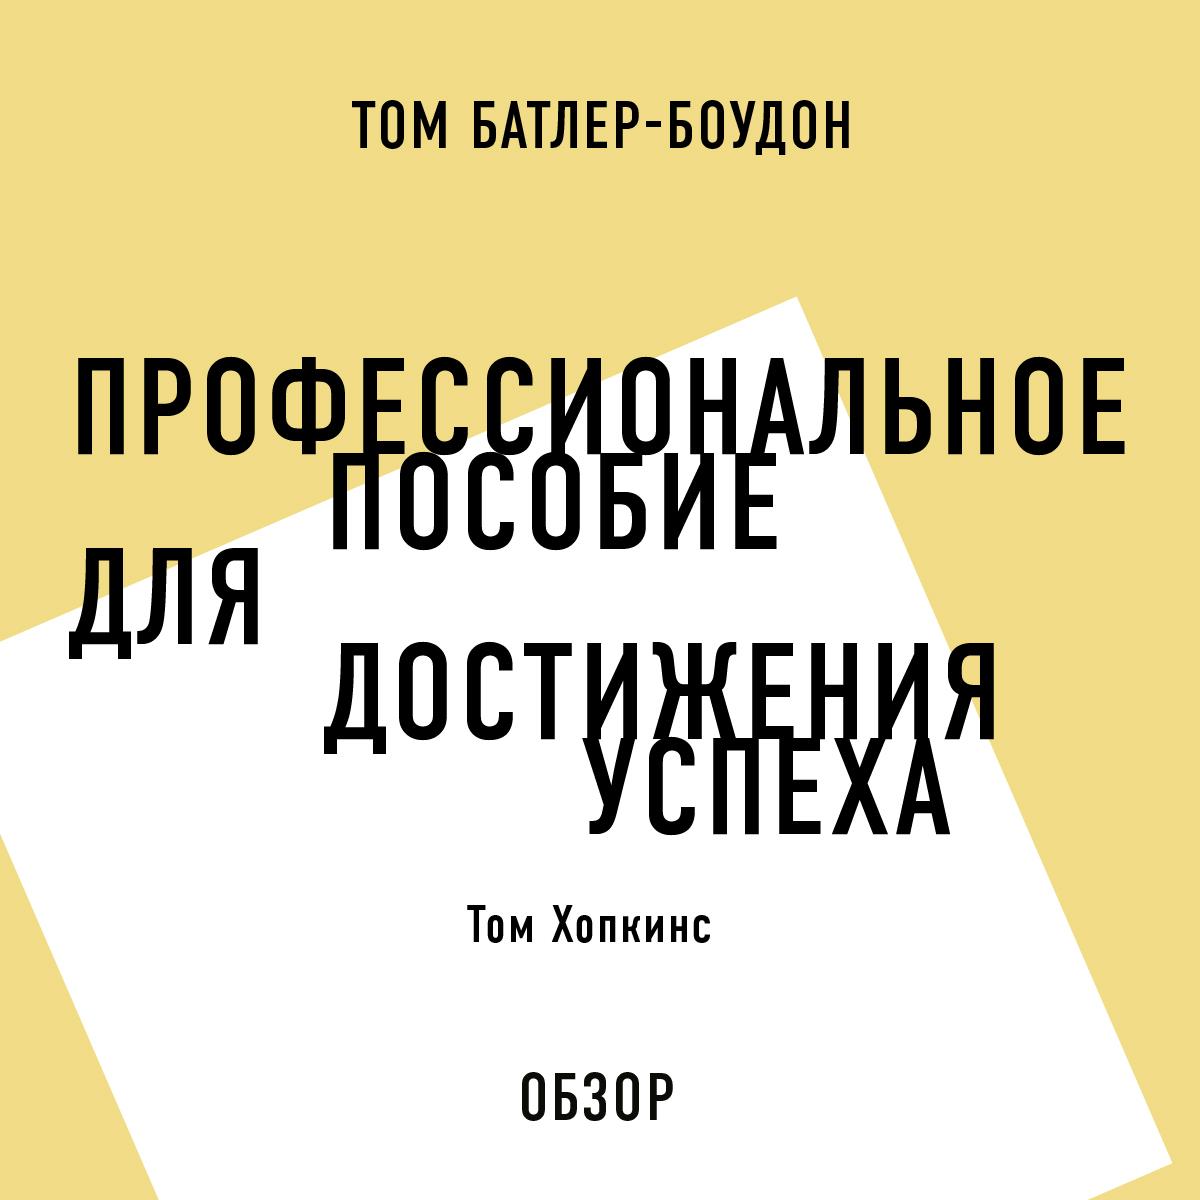 Том Батлер-Боудон Профессиональное пособие для достижения успеха. Том Хопкинс (обзор) цены онлайн